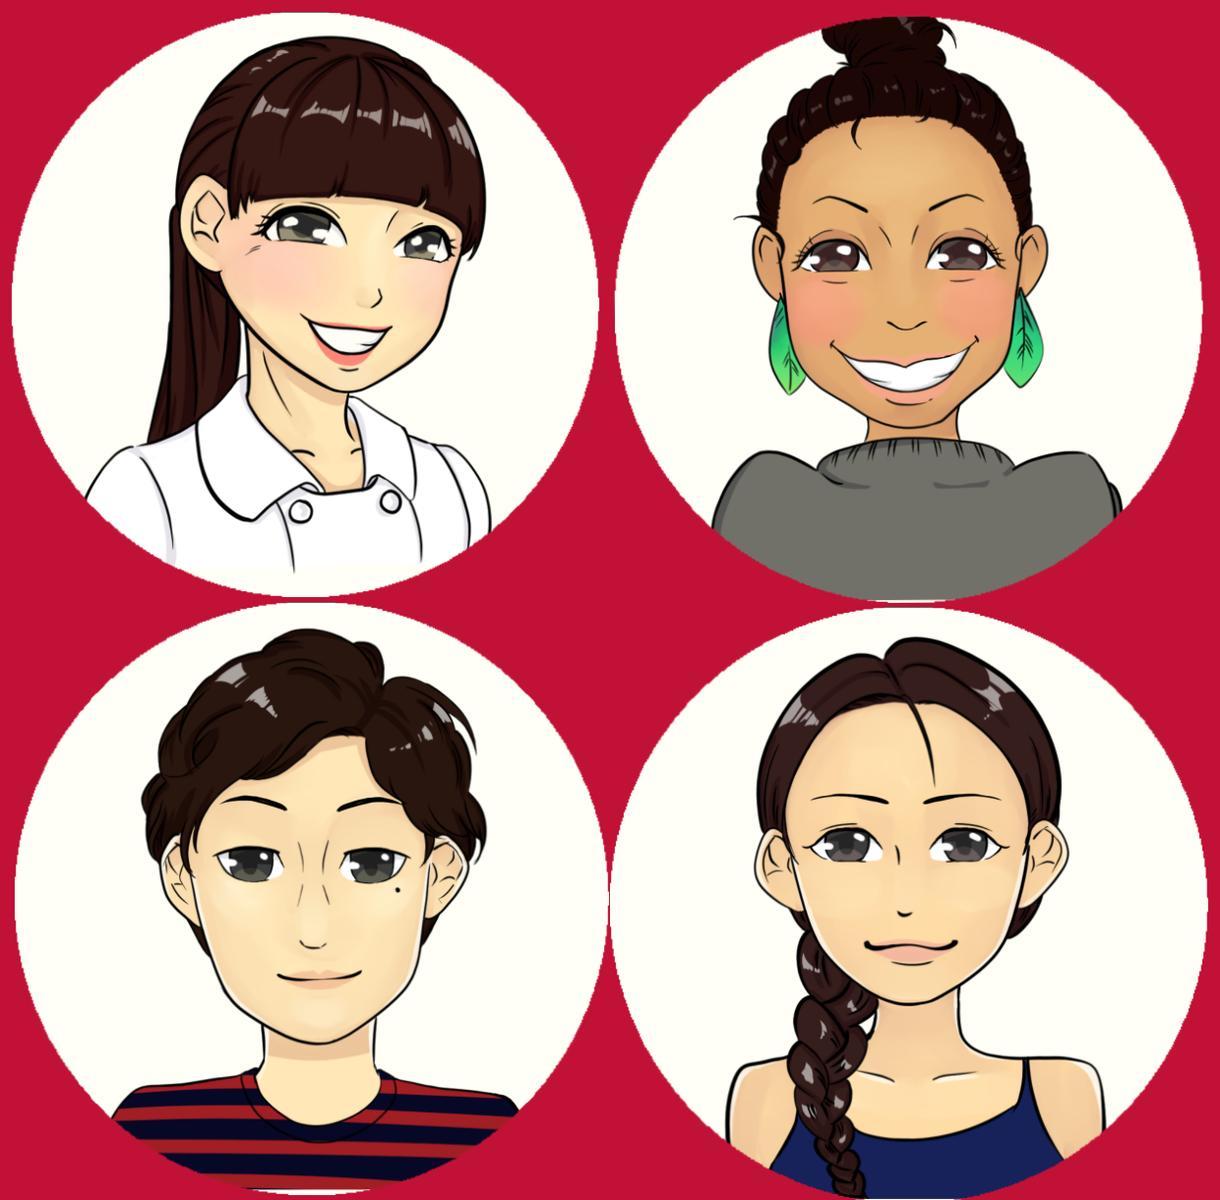 SNSアイコンに!120%美人化似顔絵描きます コンプレックスではなく、長所や魅力を最大限に引き出します!